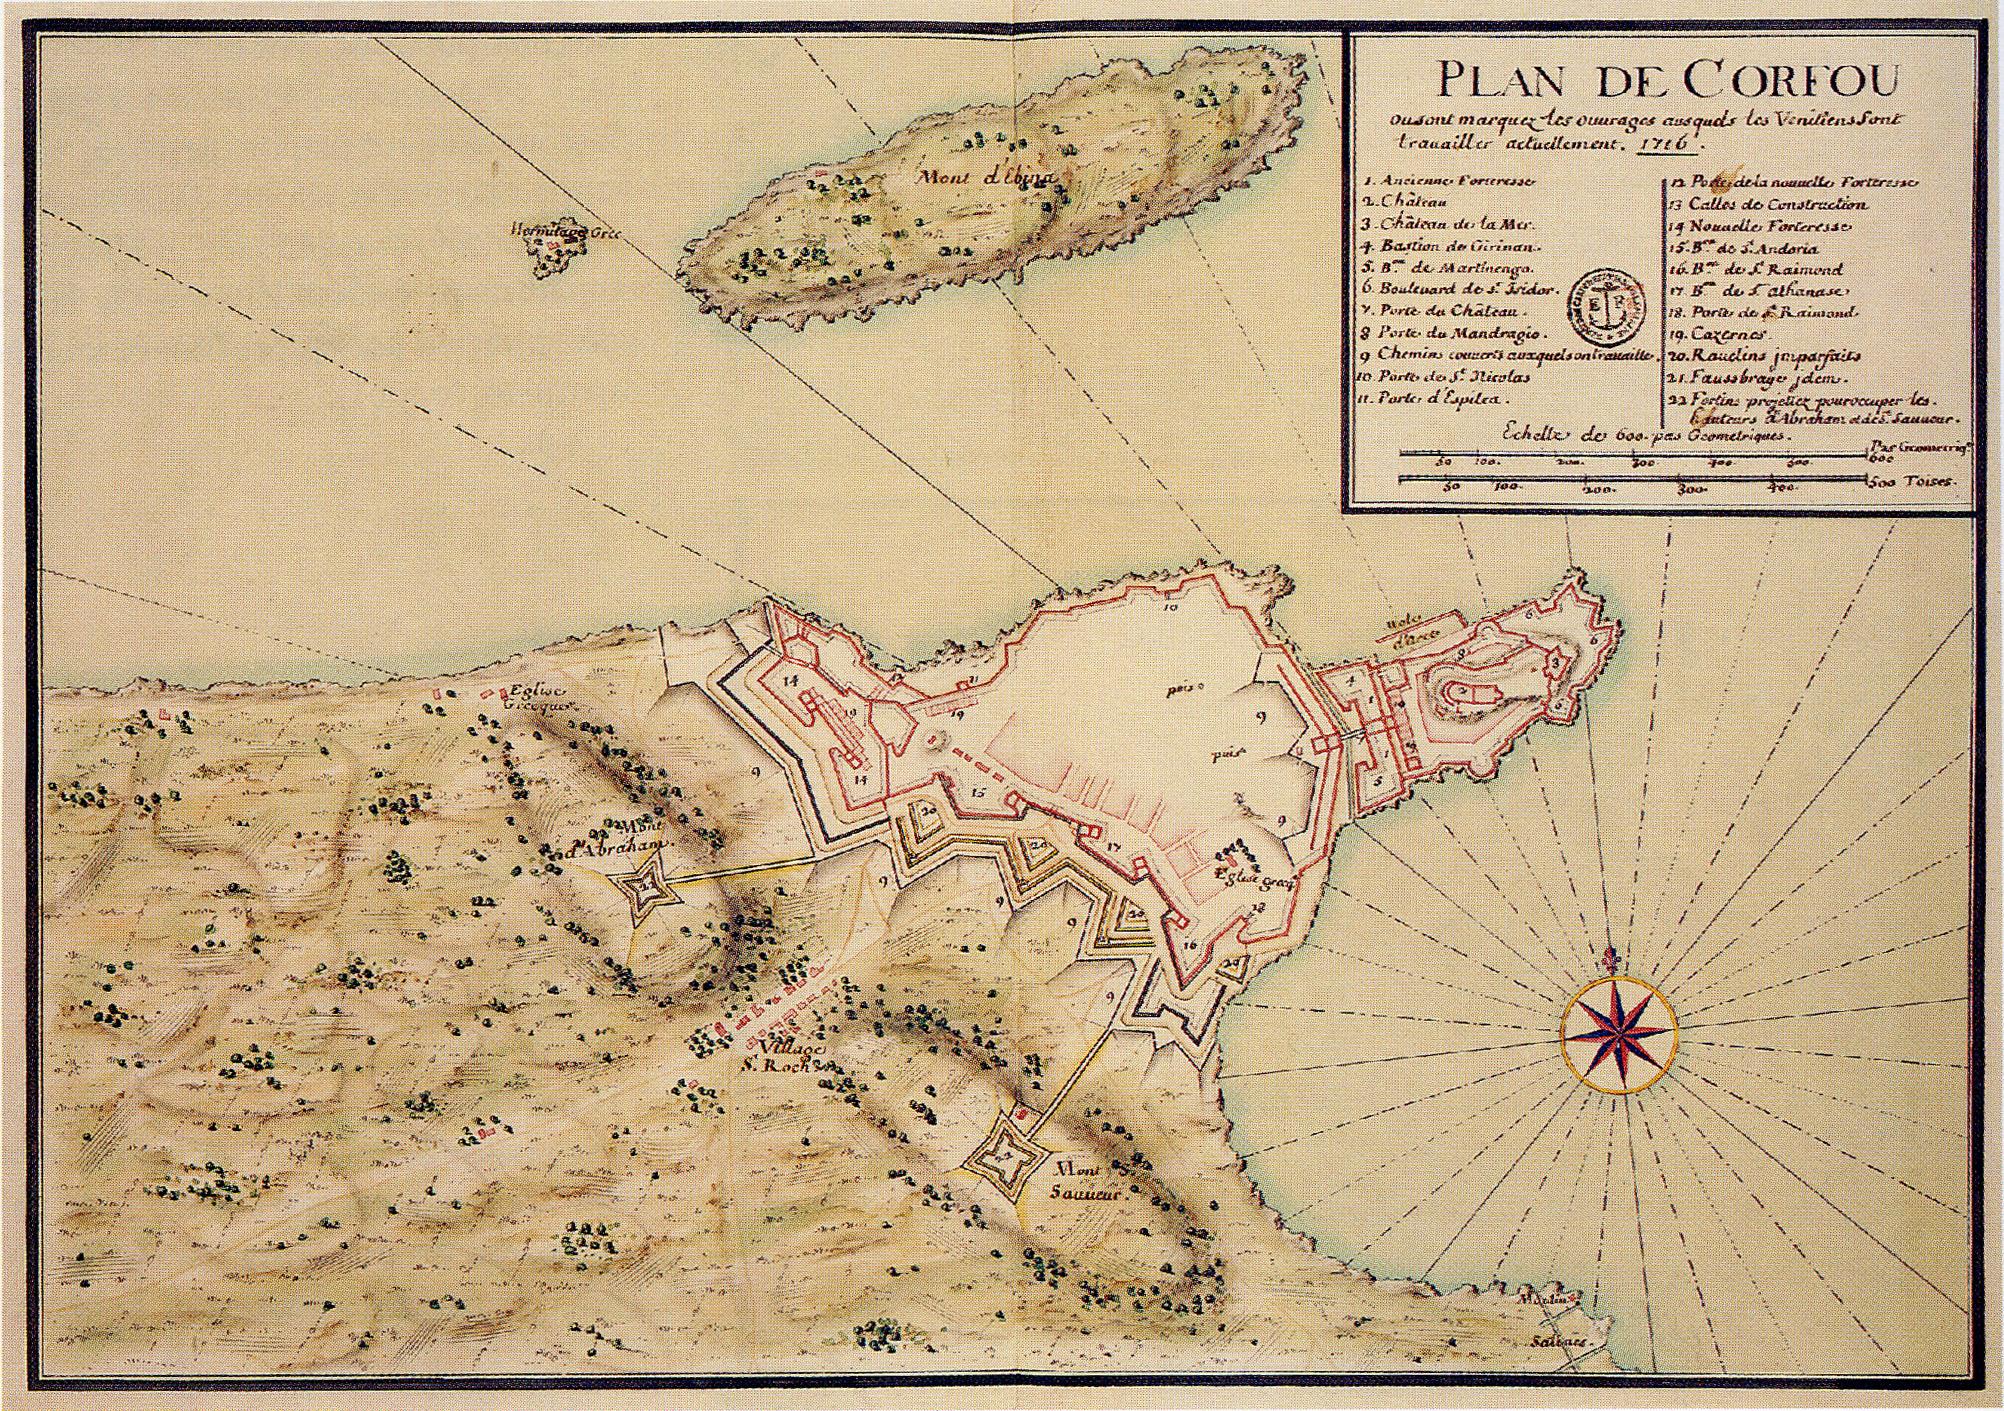 File:1716. Plan de Corfou.jpg